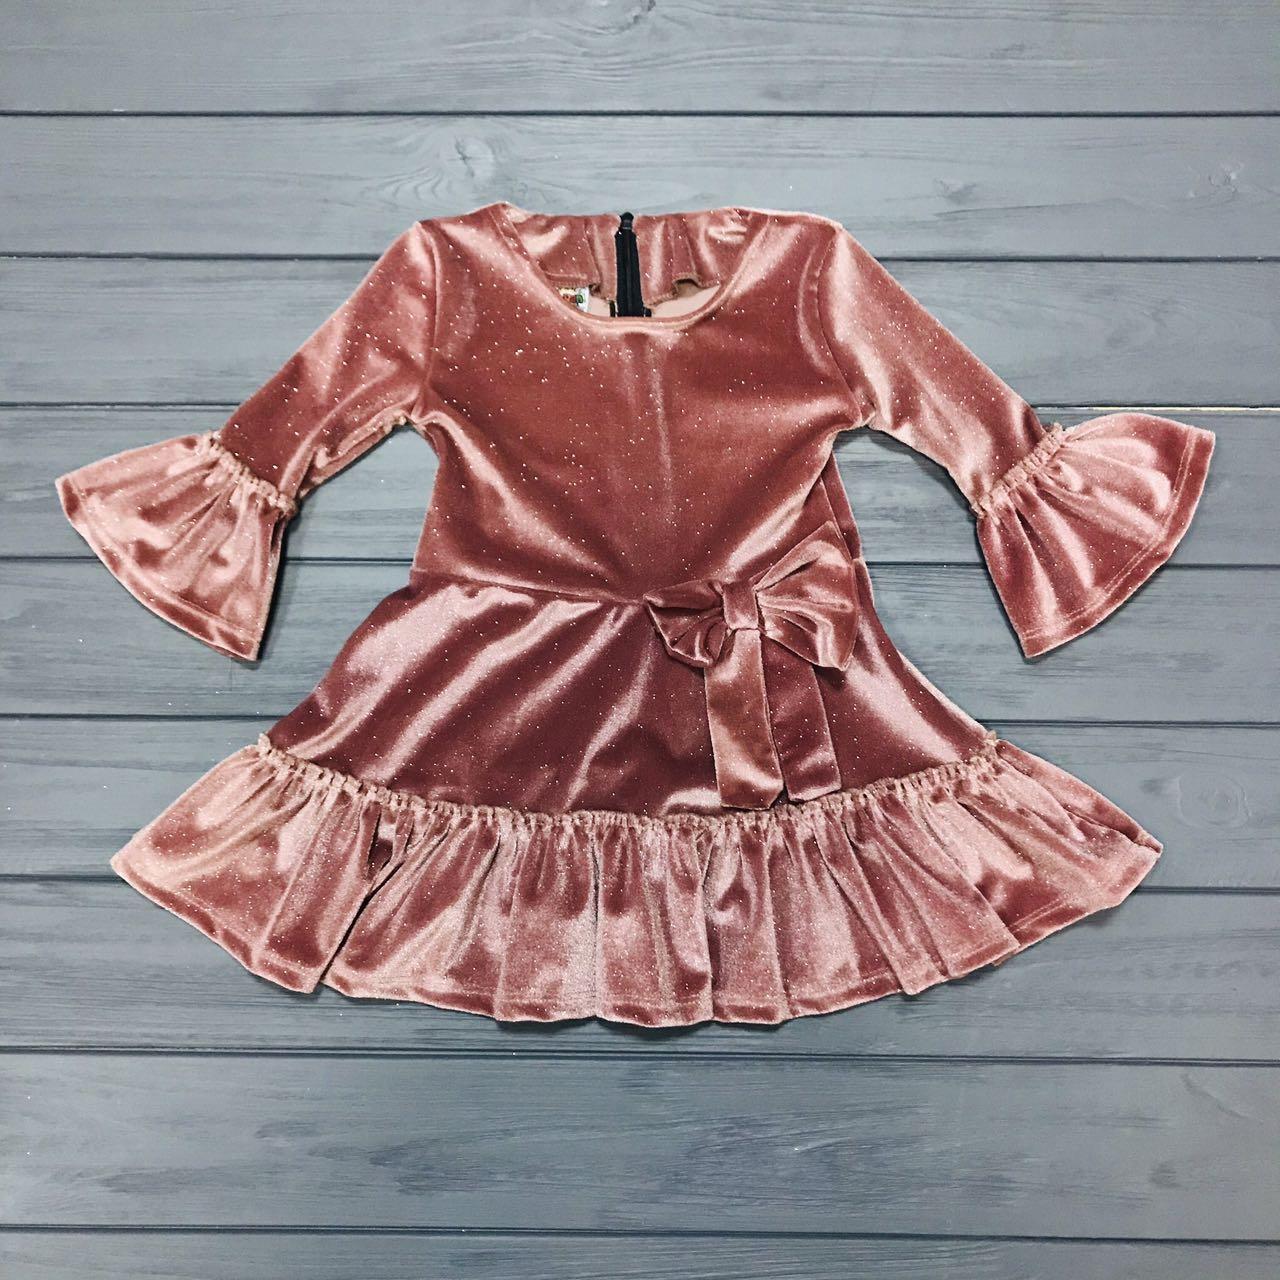 06dffae7822e1f2 Детская одежда оптом Платье нарядное для девочек оптом р.2-6 лет - Детская